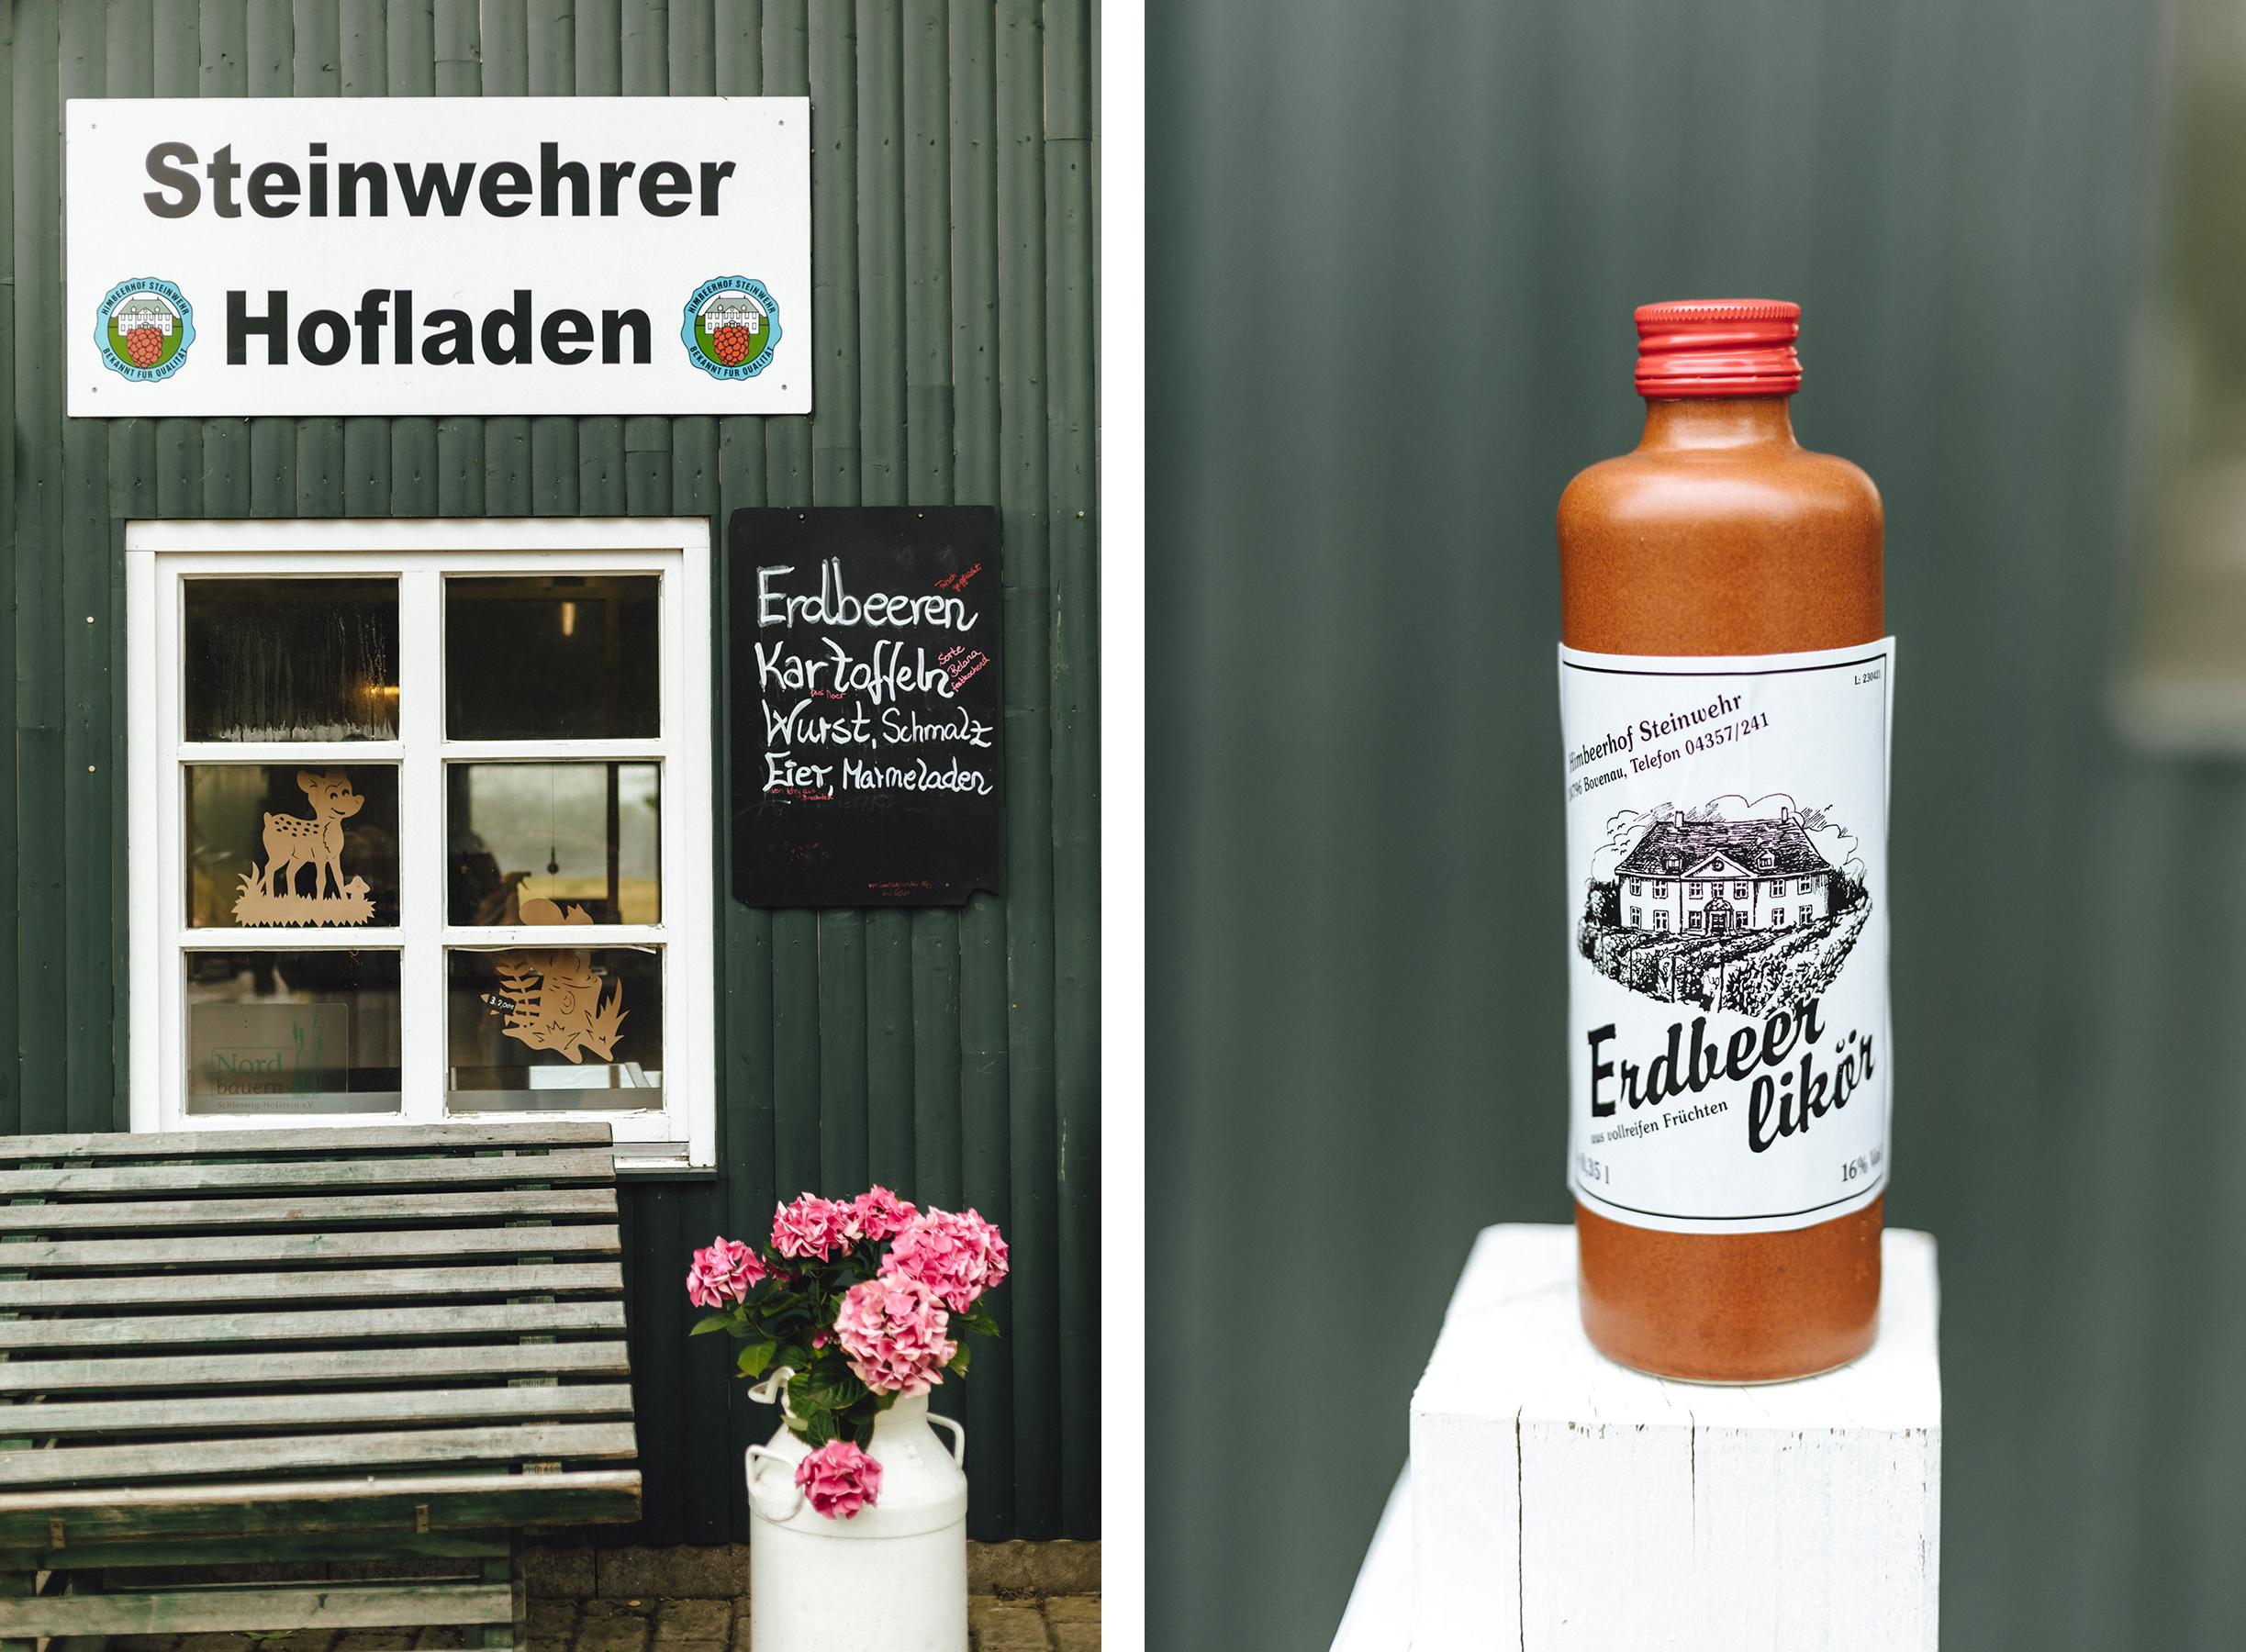 Erdbeer- und Himbeerhof Gut Steinwehr: Hofladen